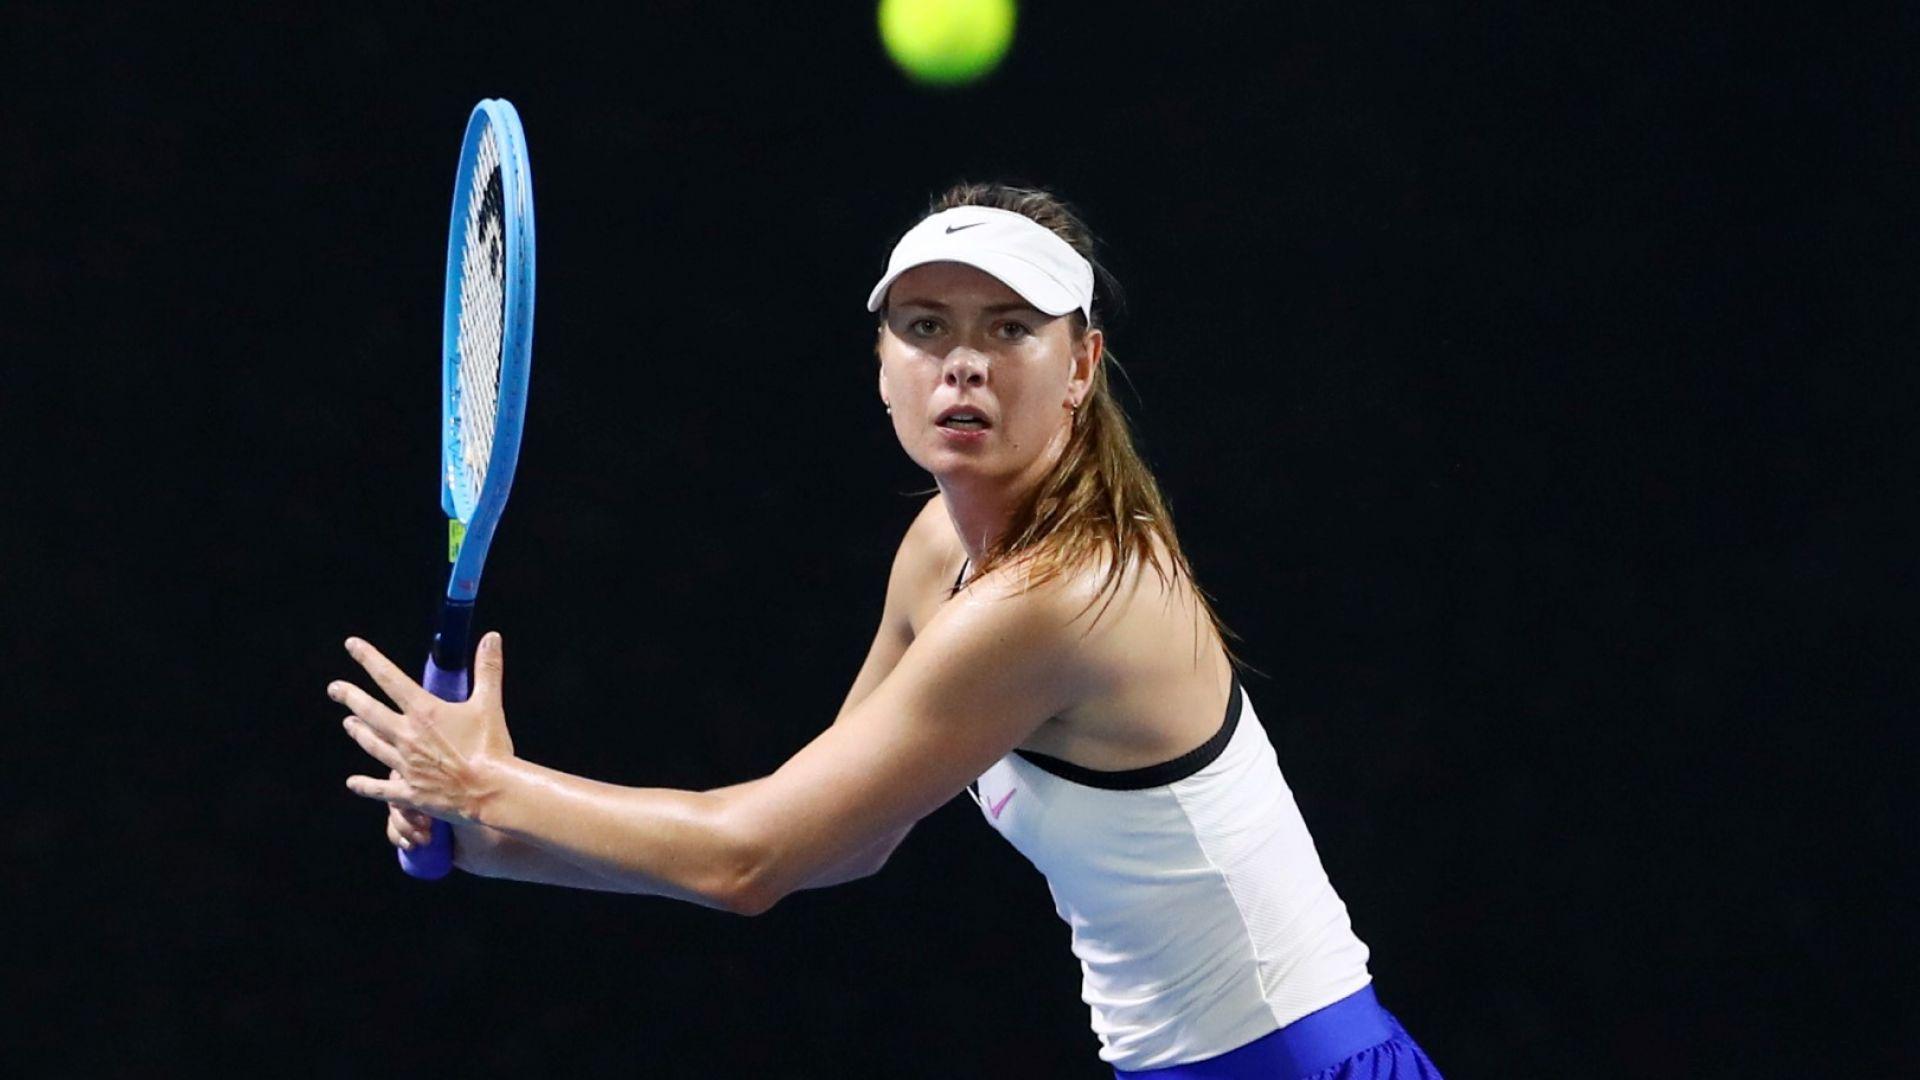 Още тенисистки, сред които и Шарапова, се оплакаха от сексизъм